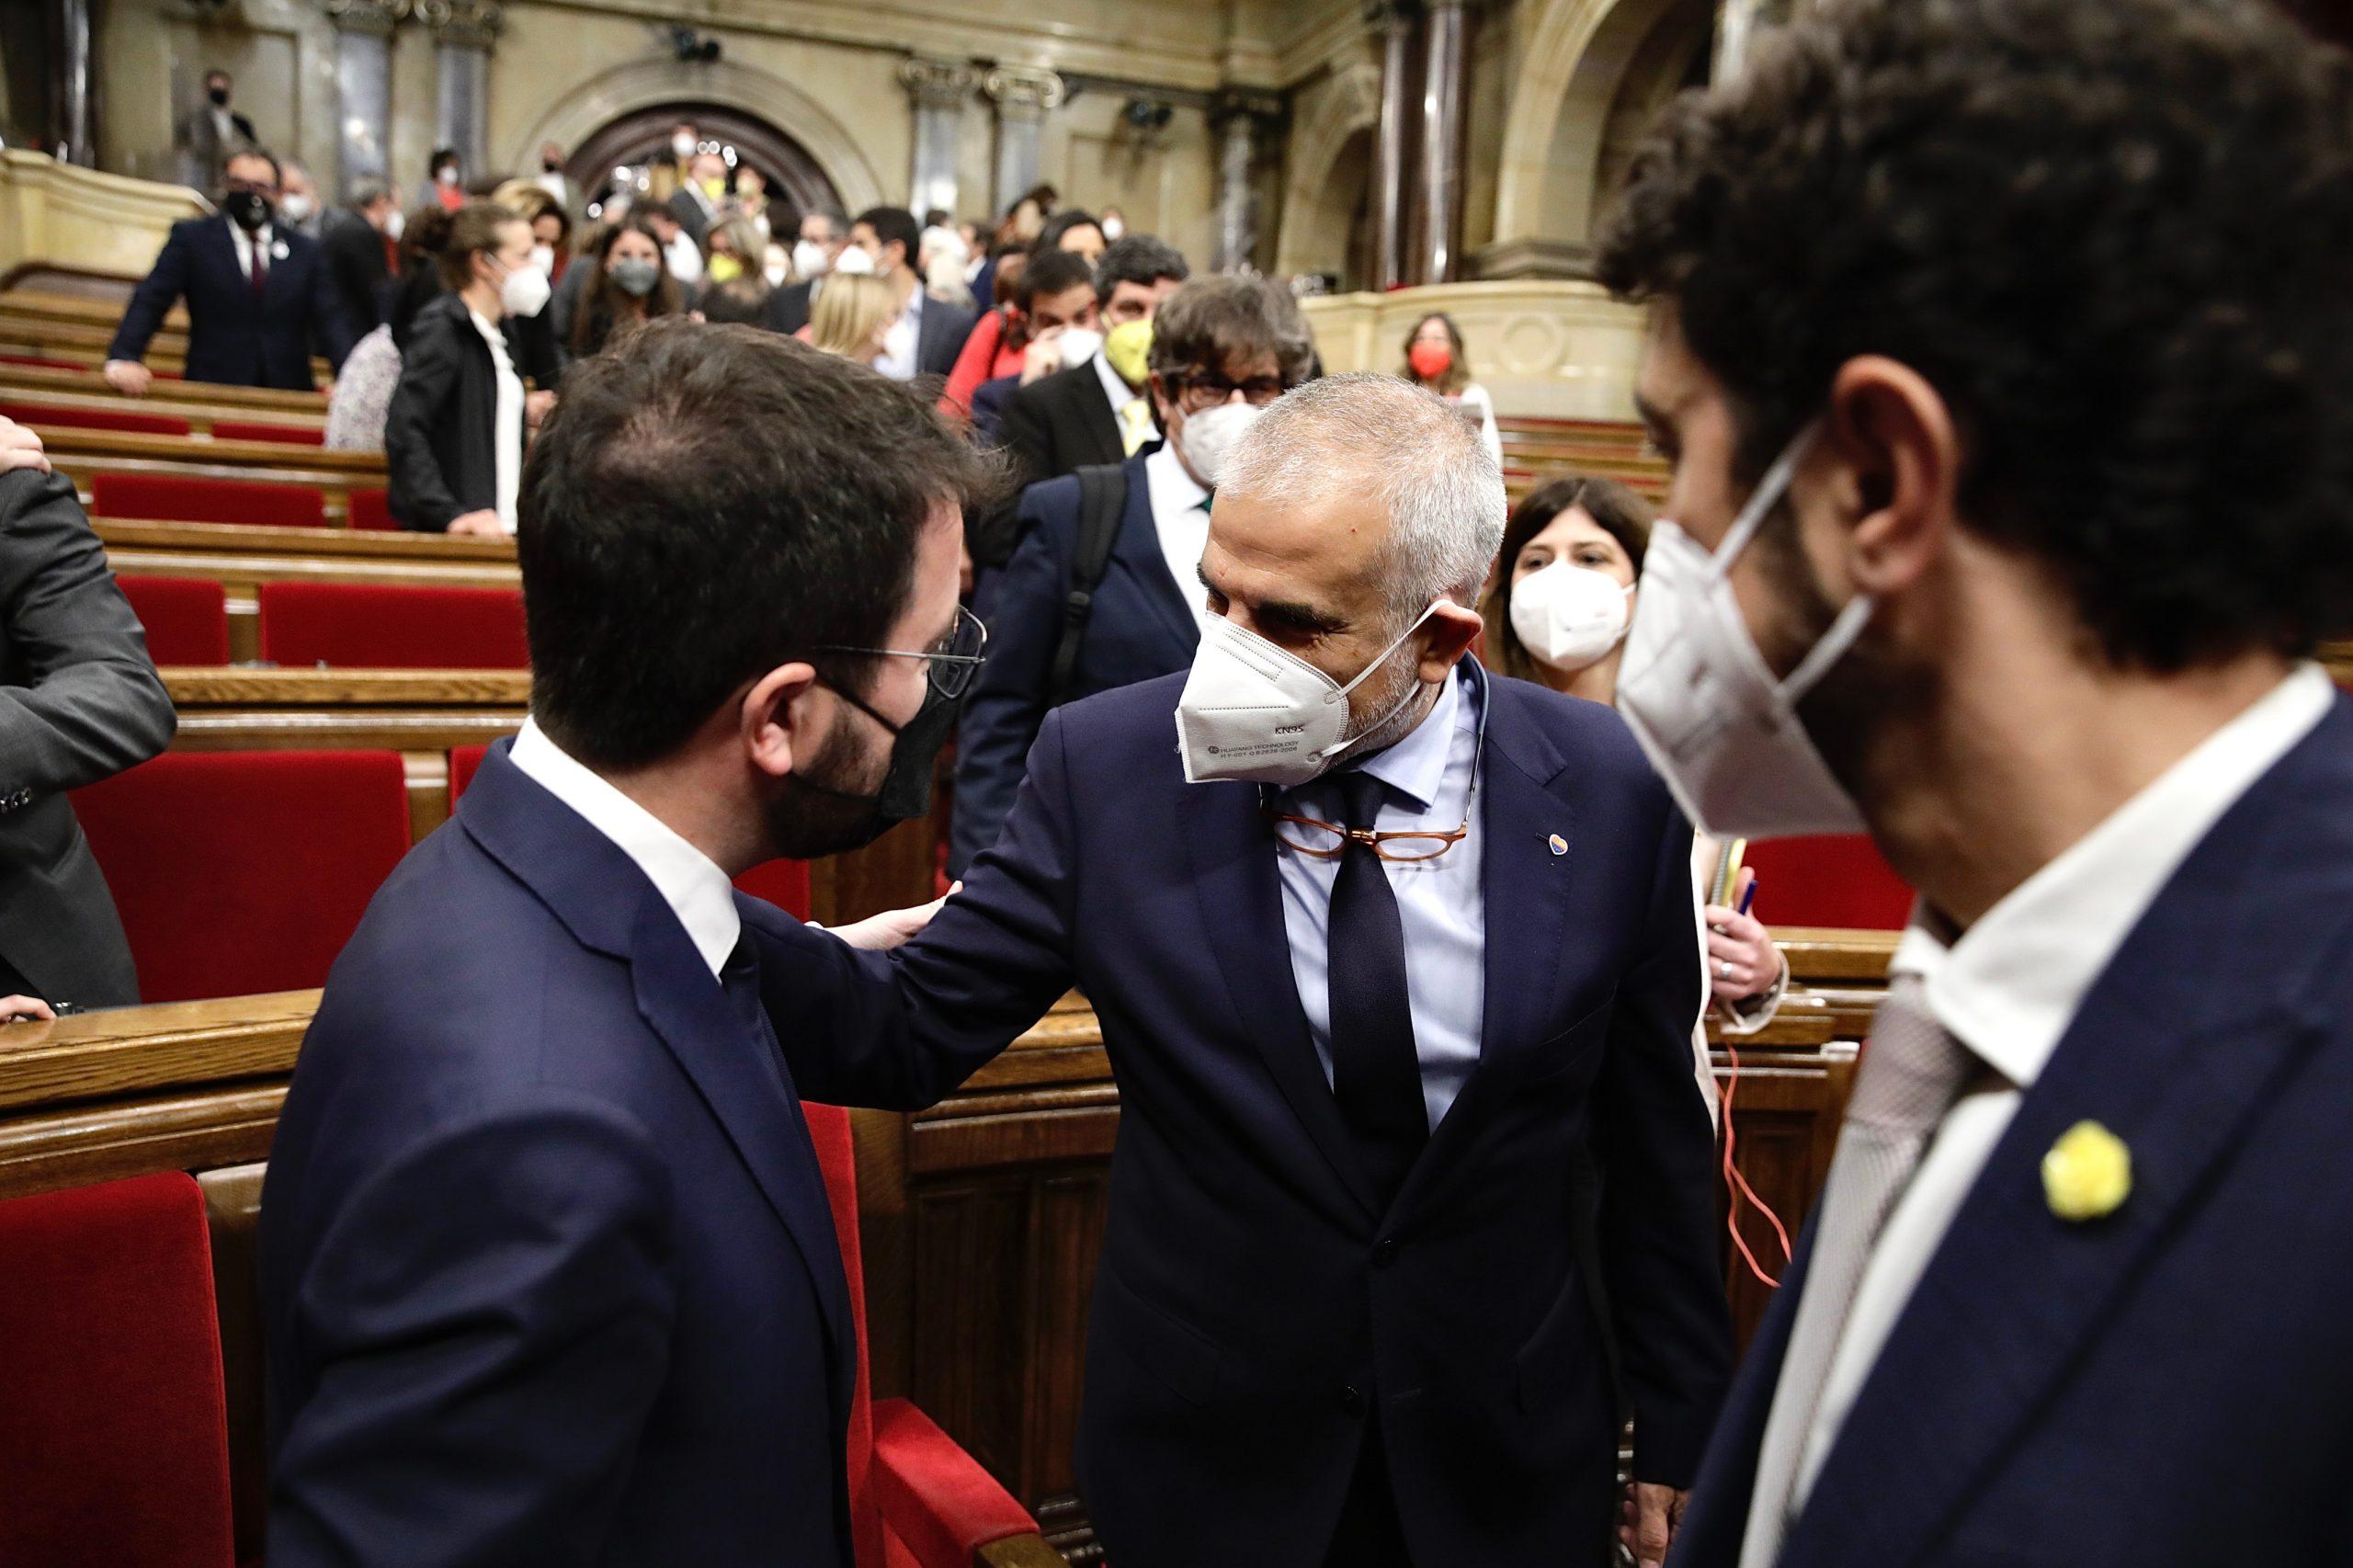 Pla general del president del grup parlamentari de Ciutadans, Carlos Carrizosa, felicitant Pere Aragonès a l'hemicicle del Parlament. Imatge del 21 de maig del 2021 (Horitzontal)